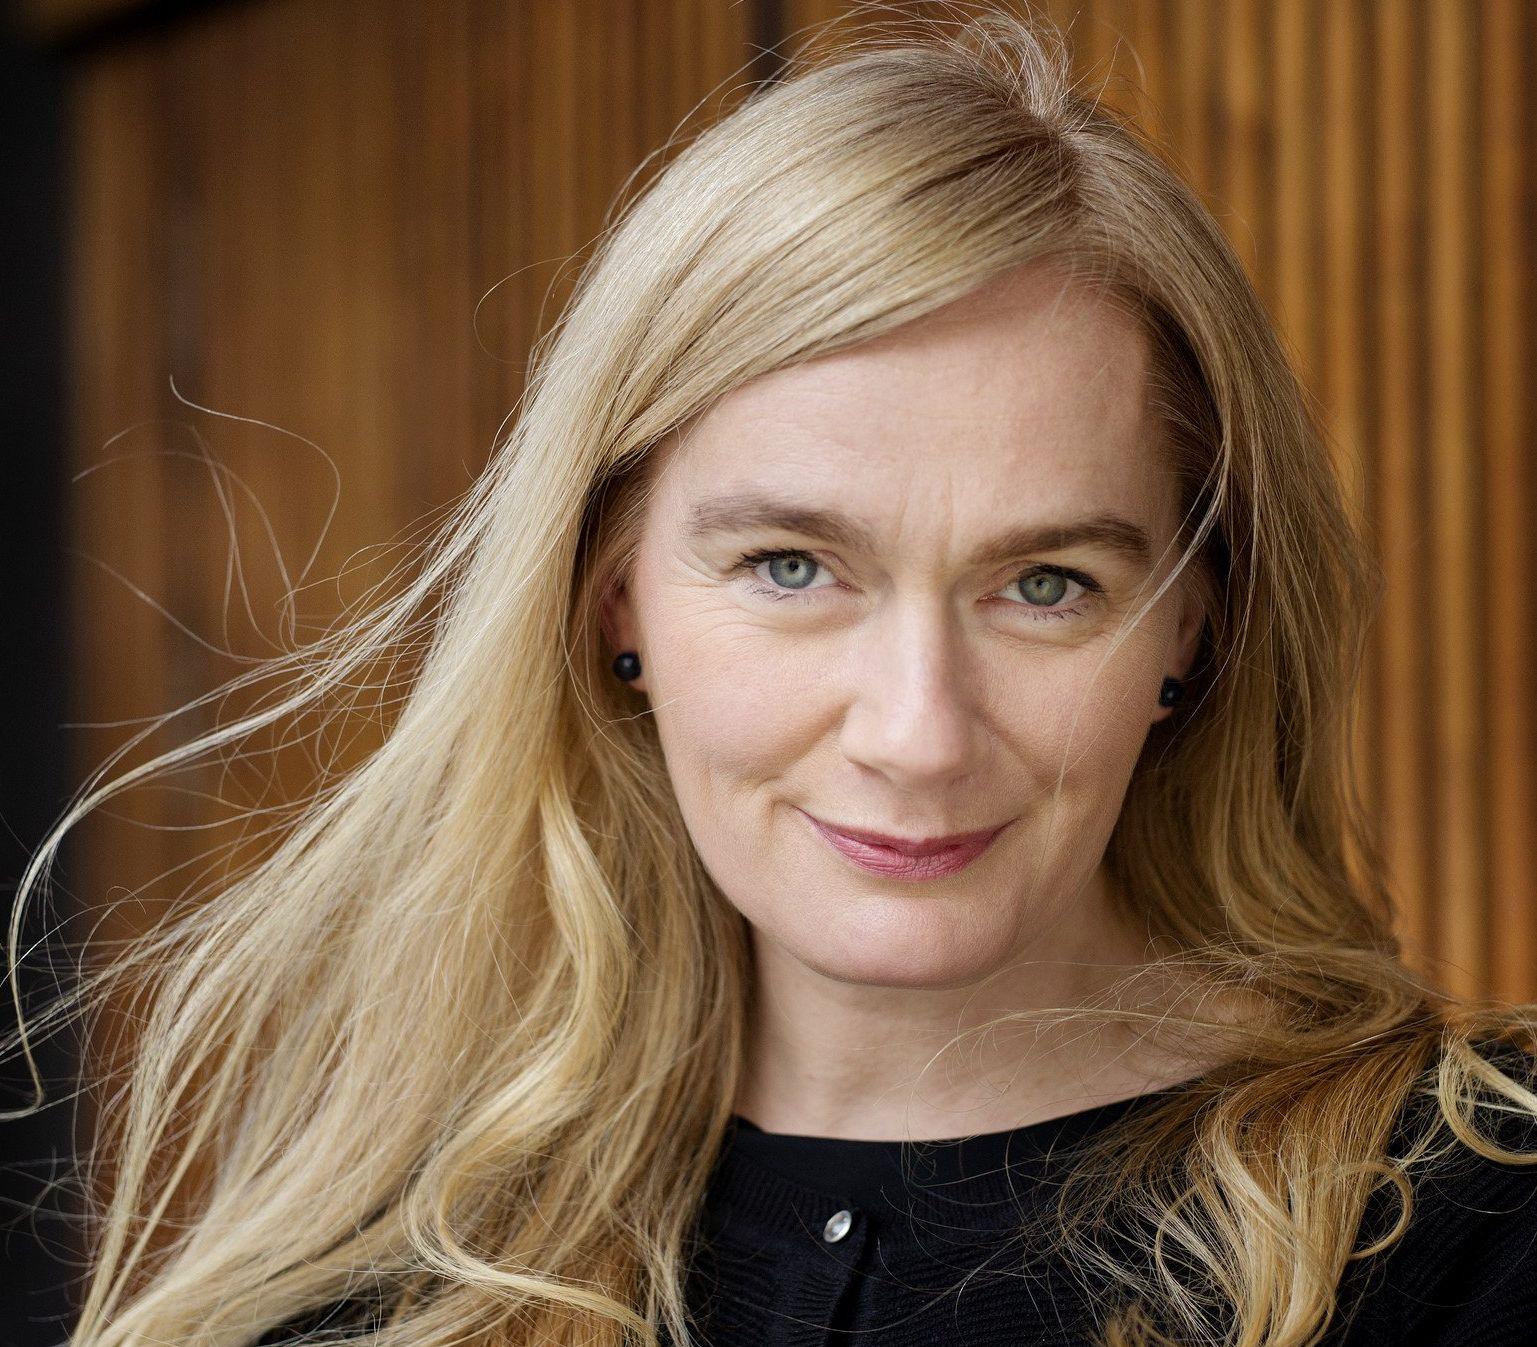 SAMTIDSKRONIKØR AV RANG: Marit Eikemo fremstår som nynorskens svar på Nina Lykke - og hennes nye roman er en sviende aktuell satire om boligjakt, knuste drømmer og hva det vil si å skape et godt hjem for seg selv og sine nærmeste i Norge anno 2018.